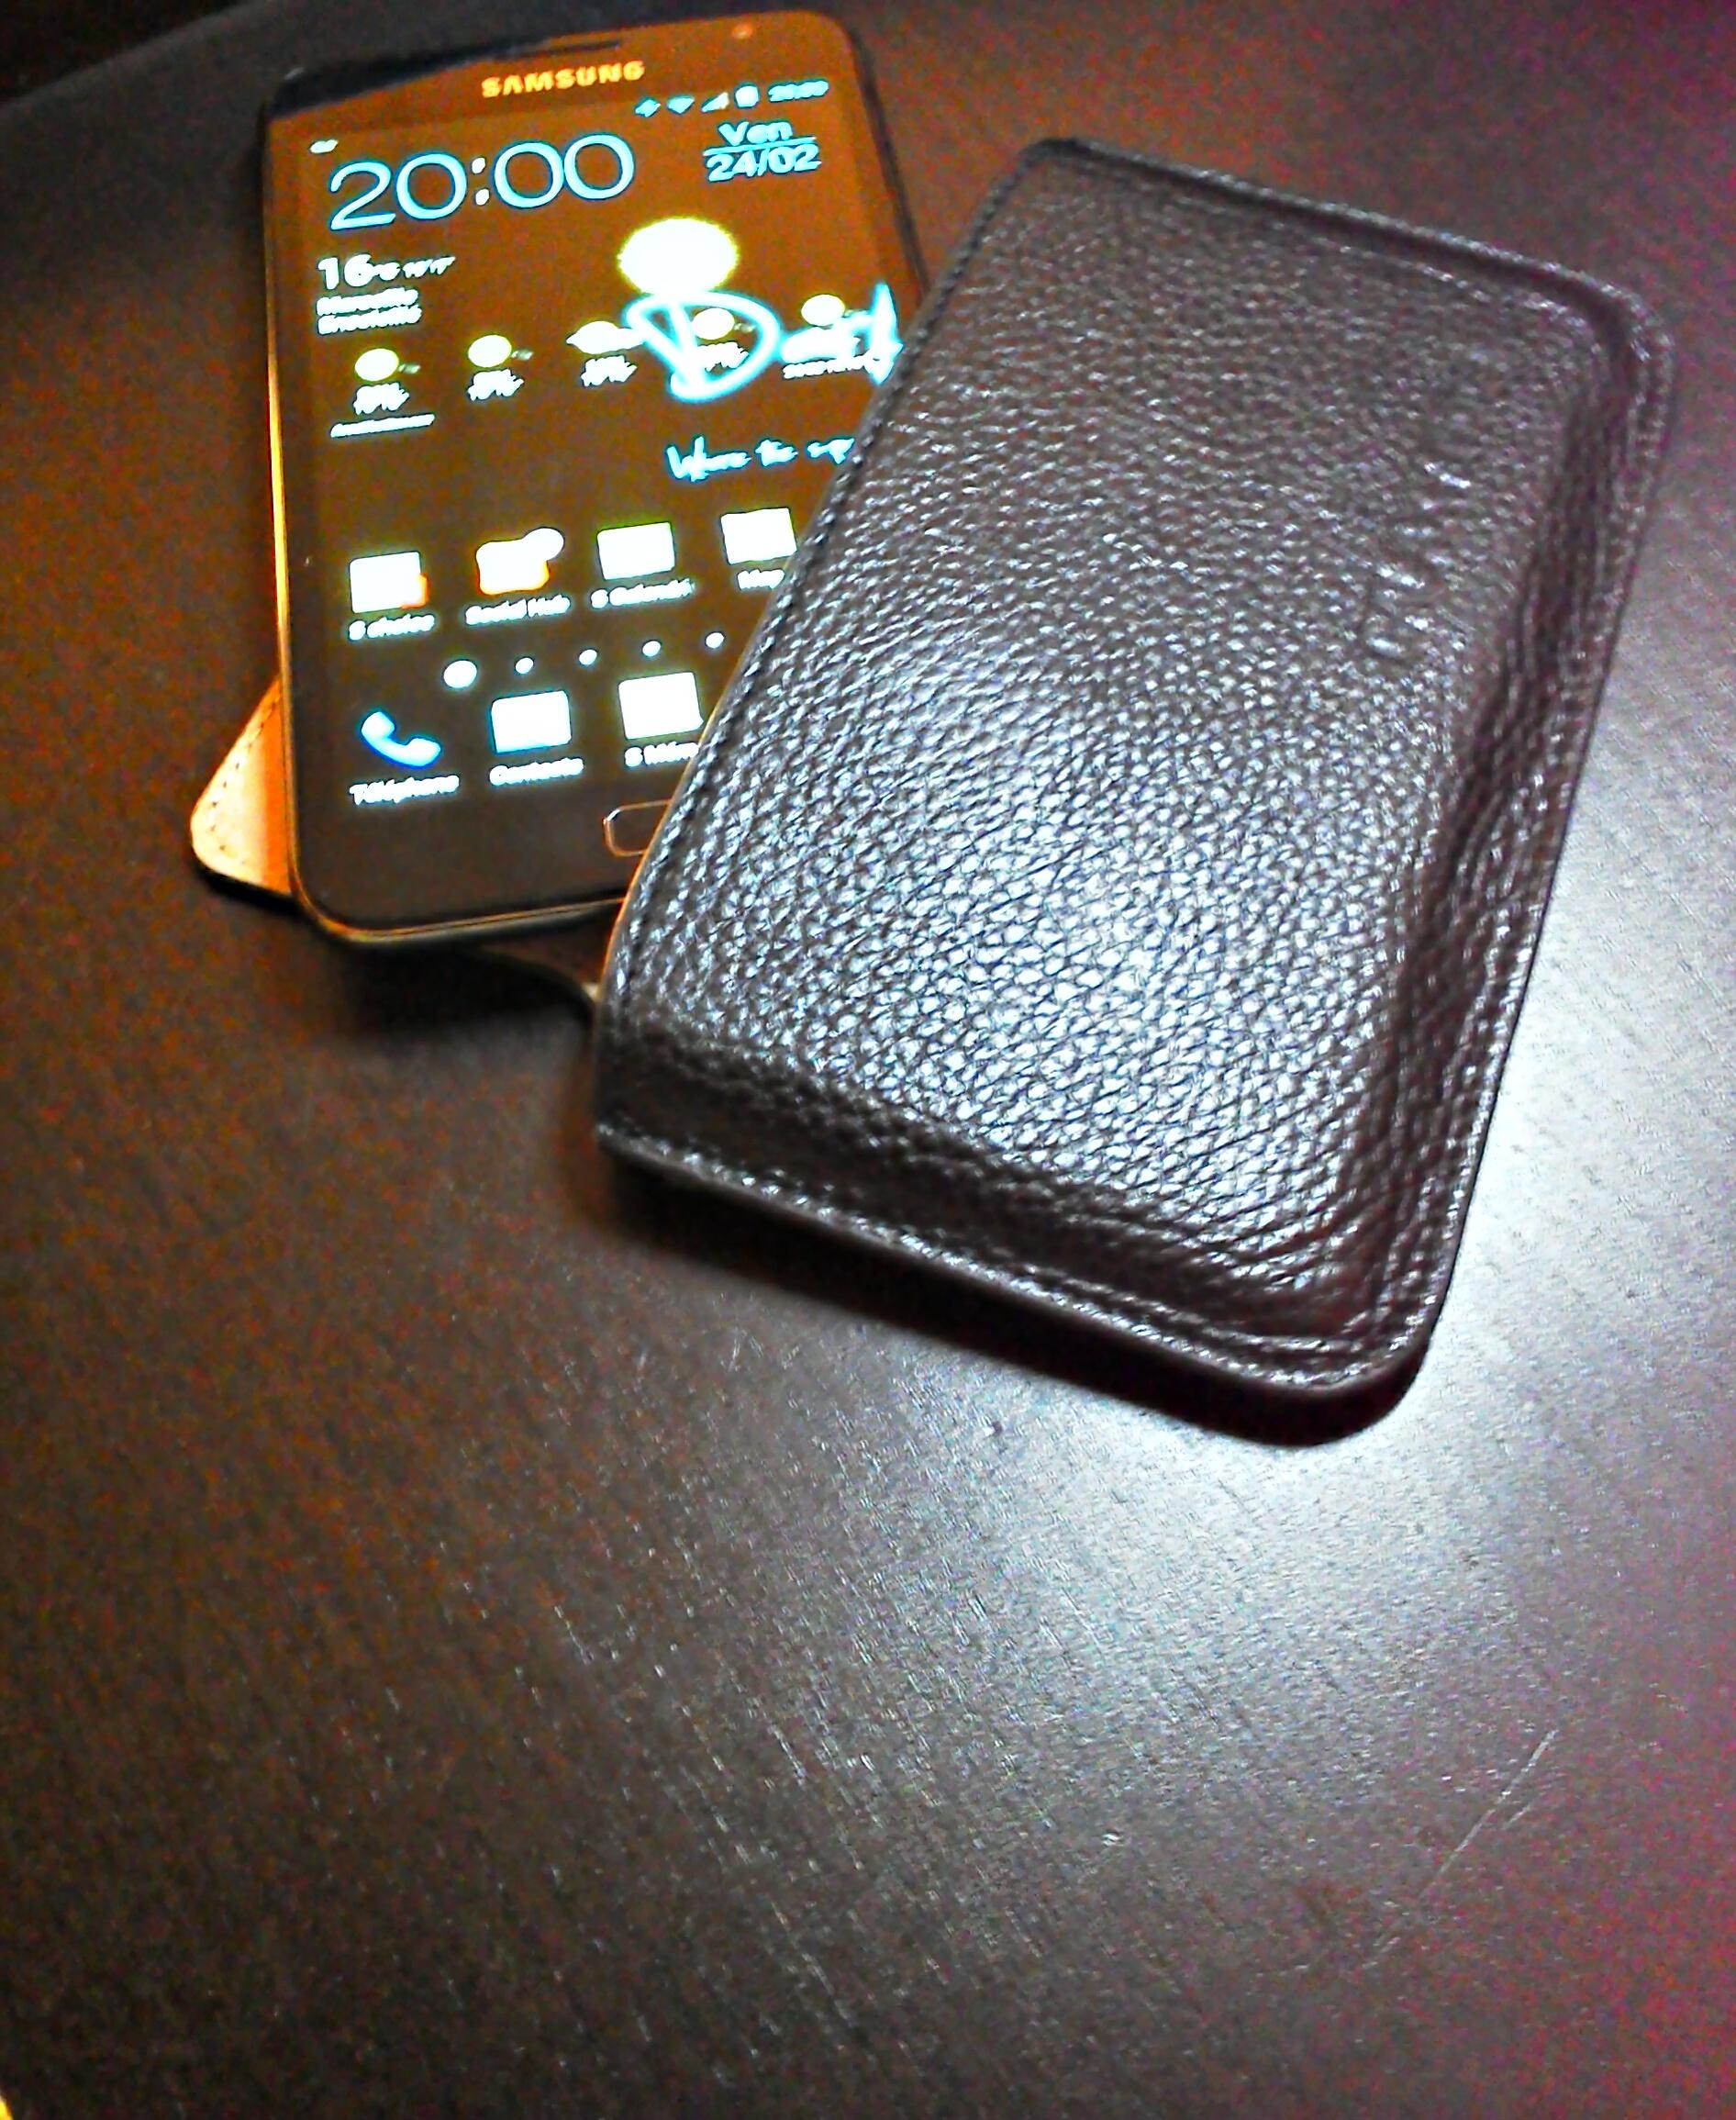 2012-02-24_20-00-33_HDR.jpg